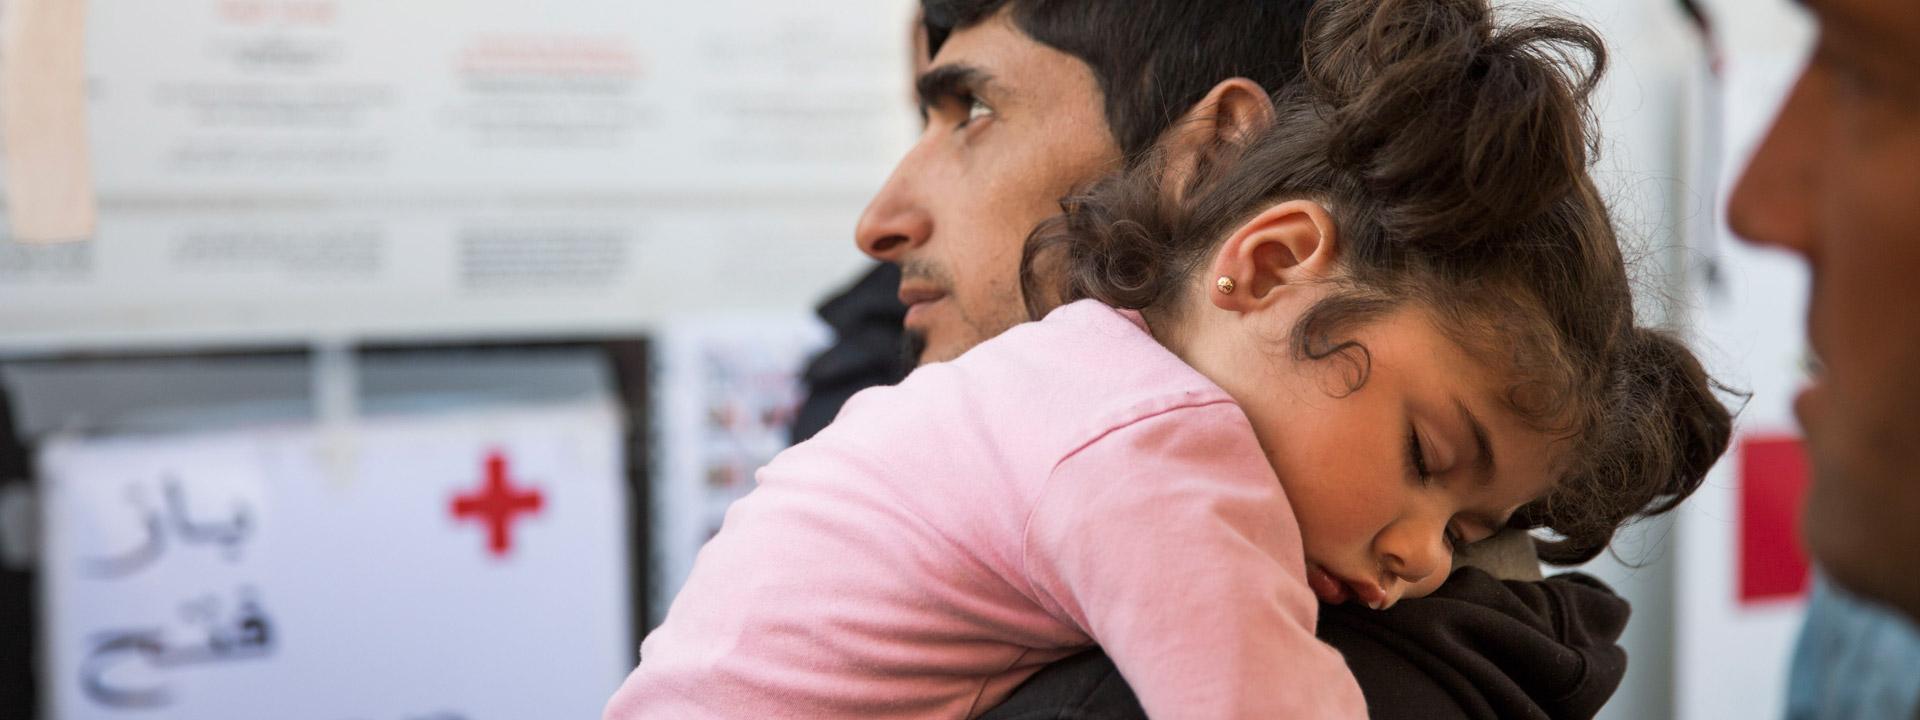 Foto: Ein geflüchteter Vater trägt seine schlafende Tochter.